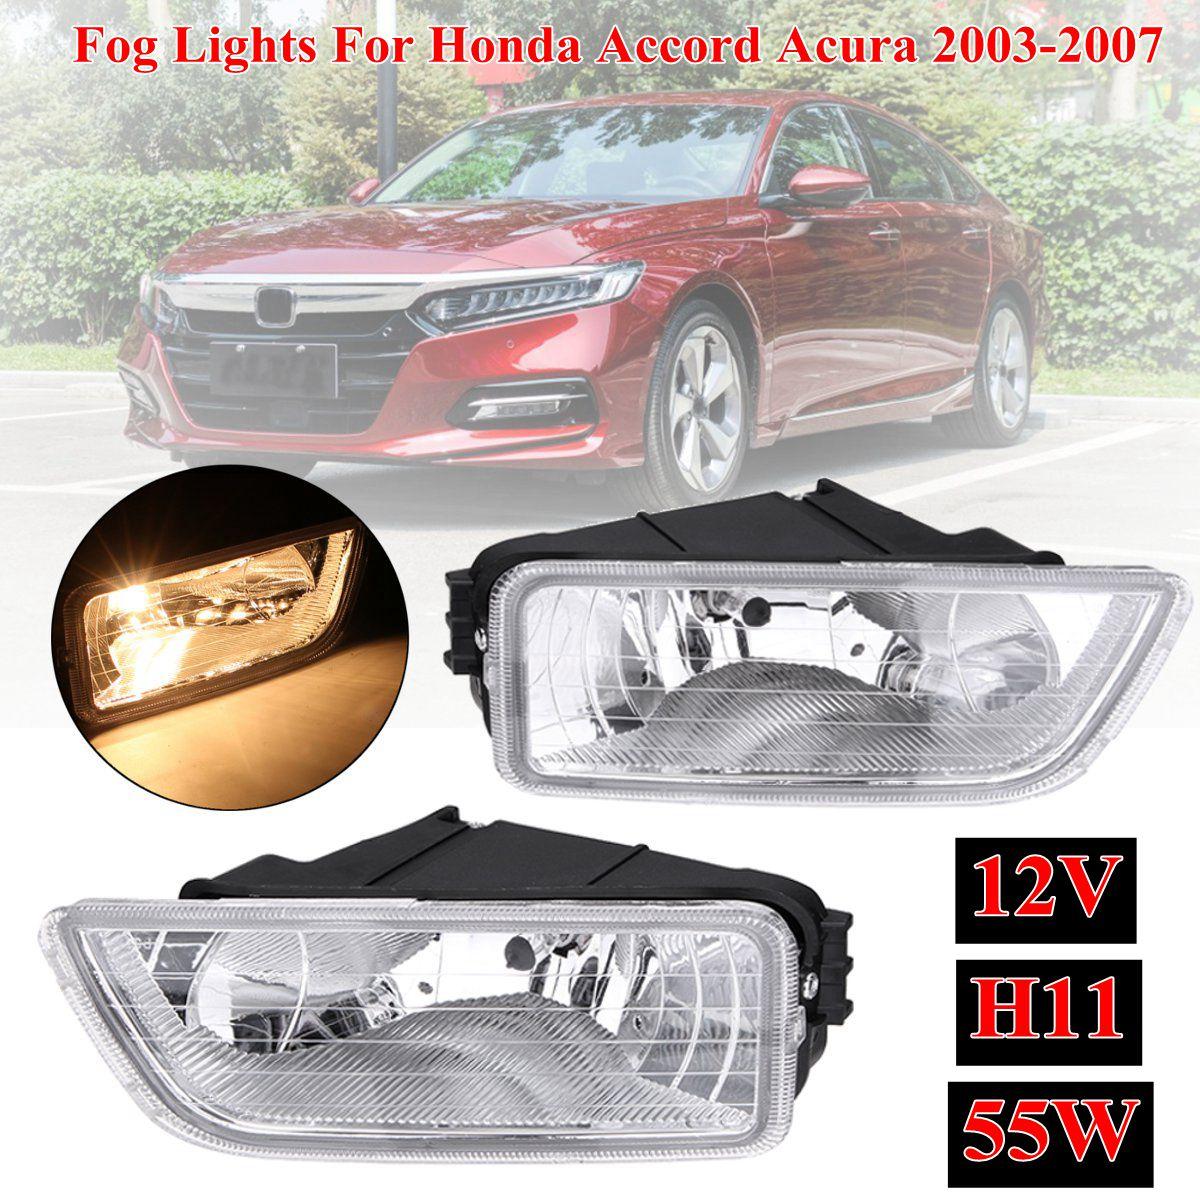 Paire de phares antibrouillard de pare-chocs avant de voiture avec ampoule halogène H11 ambre pour Honda pour Accord 2003-2007 pour Acura TL 2004-2008